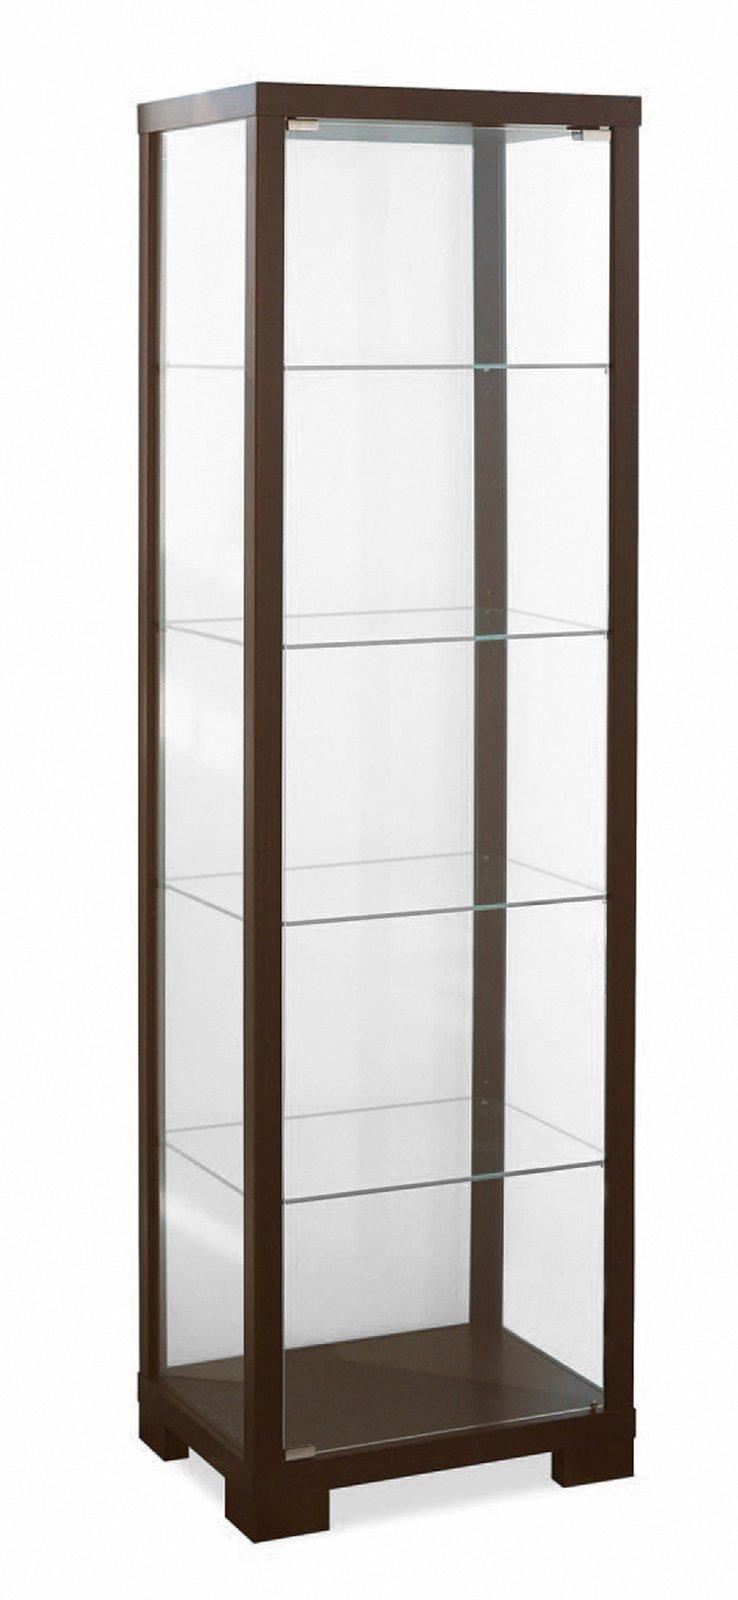 Clicca per ingrandire: Ha la struttura in legno con ante in vetro ...